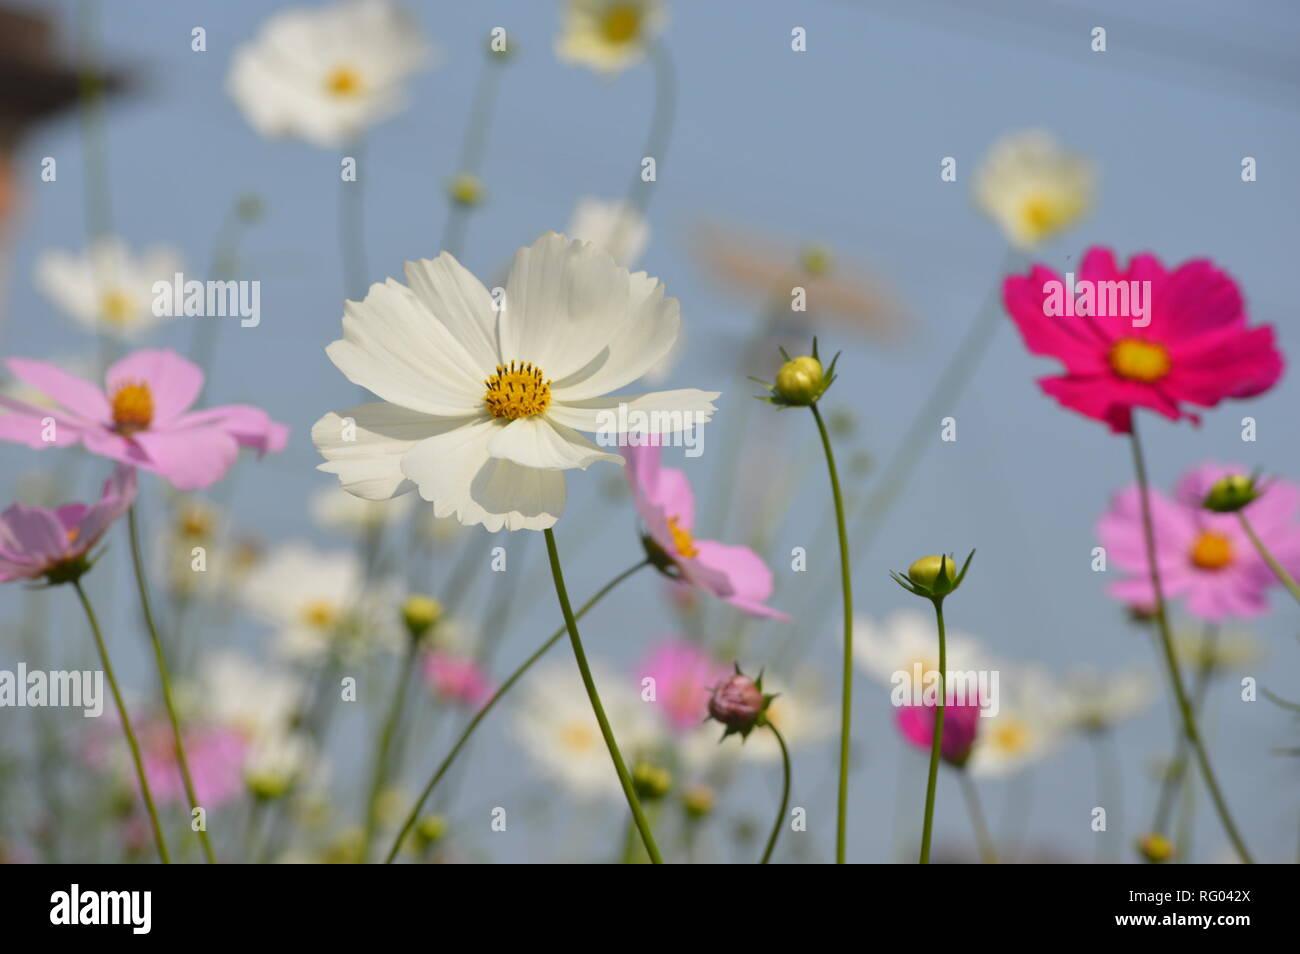 White flower in sunlight Stock Photo